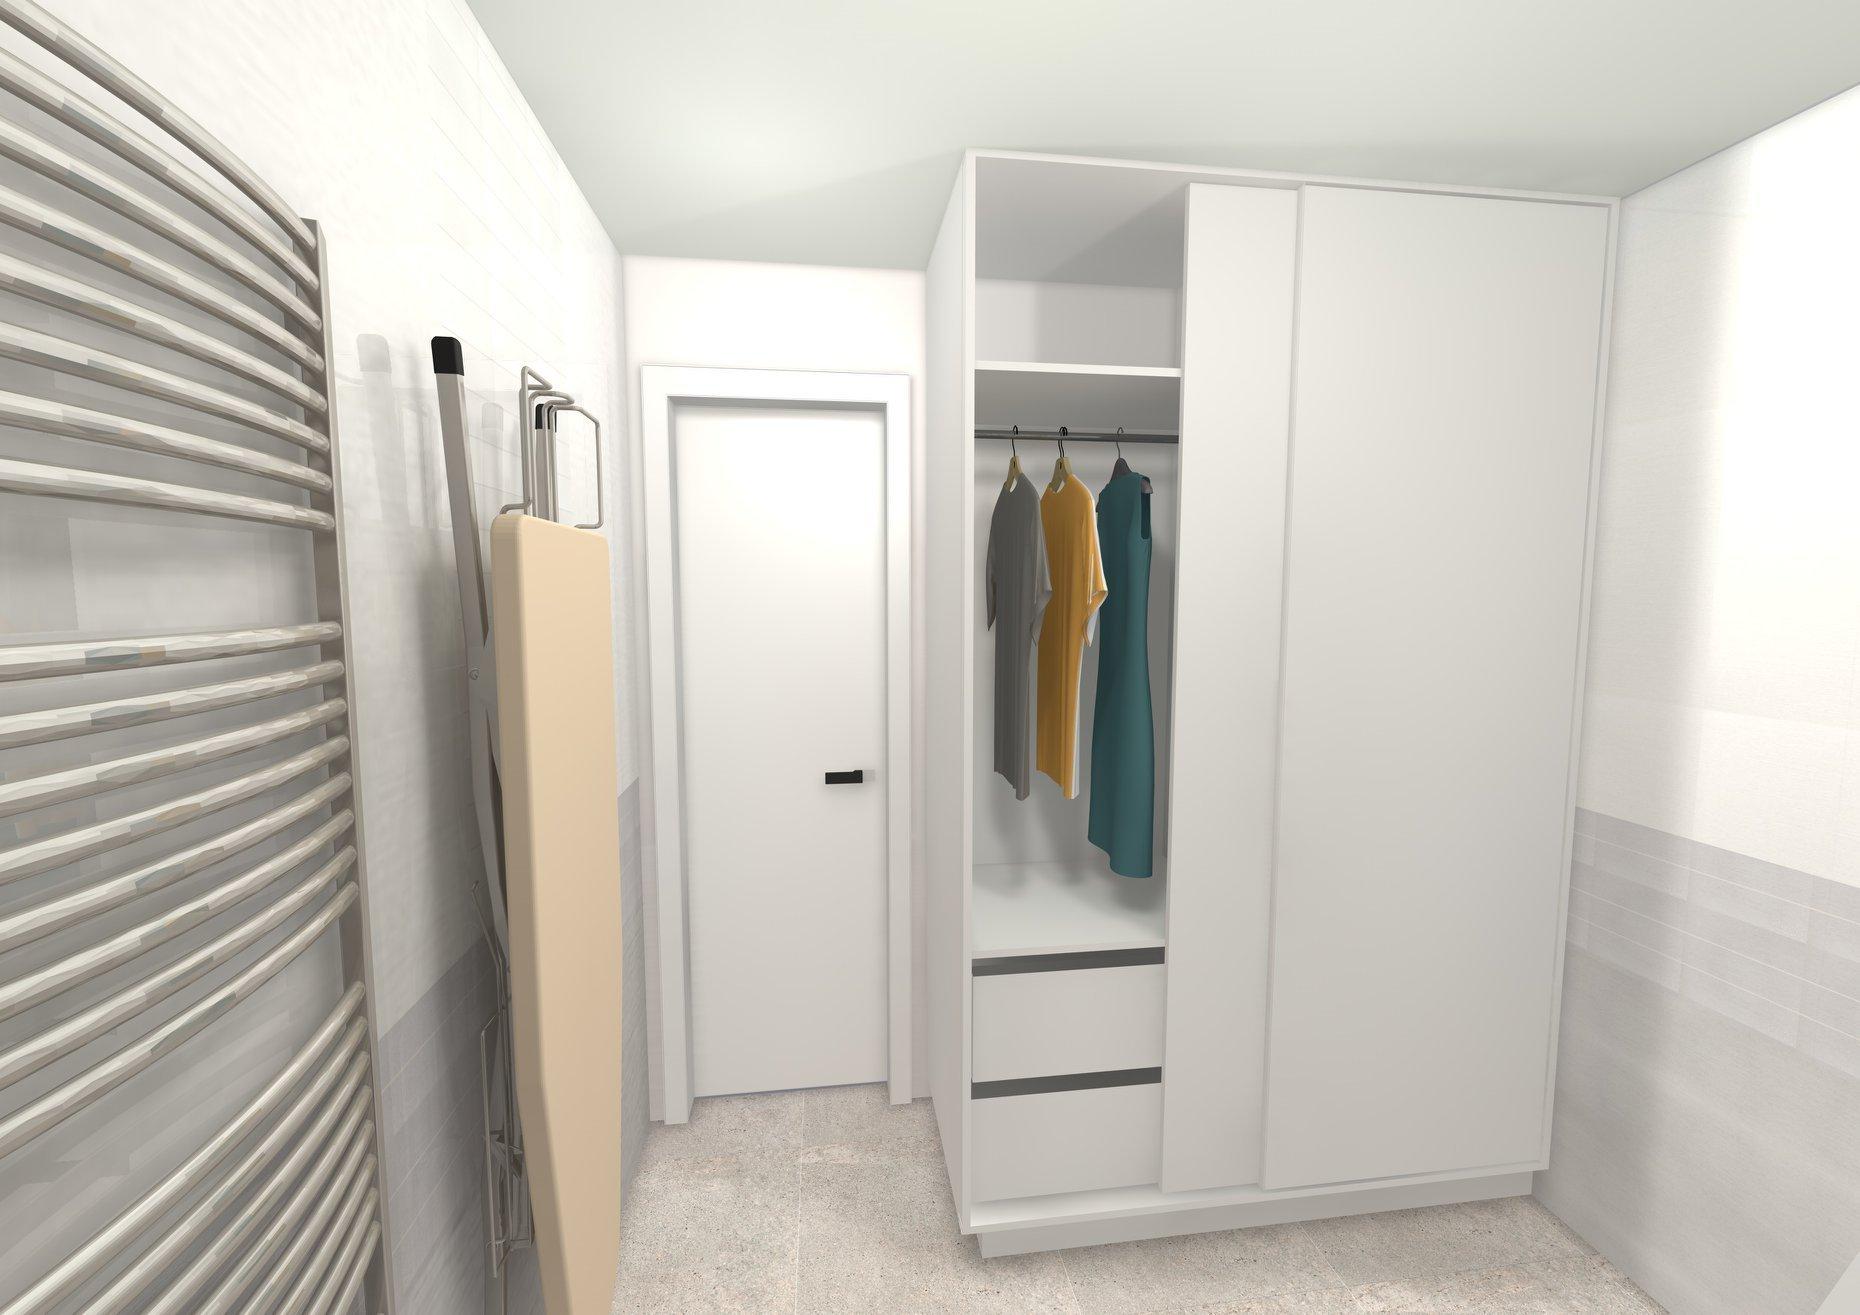 Mít jednoduchý, čistý a nezahlcený interiér je snem mnoha lidí. Jak to ale udělat se všemi těmi věcmi, které z našeho života vyřadit nemůžeme? Kam dát prádlo…